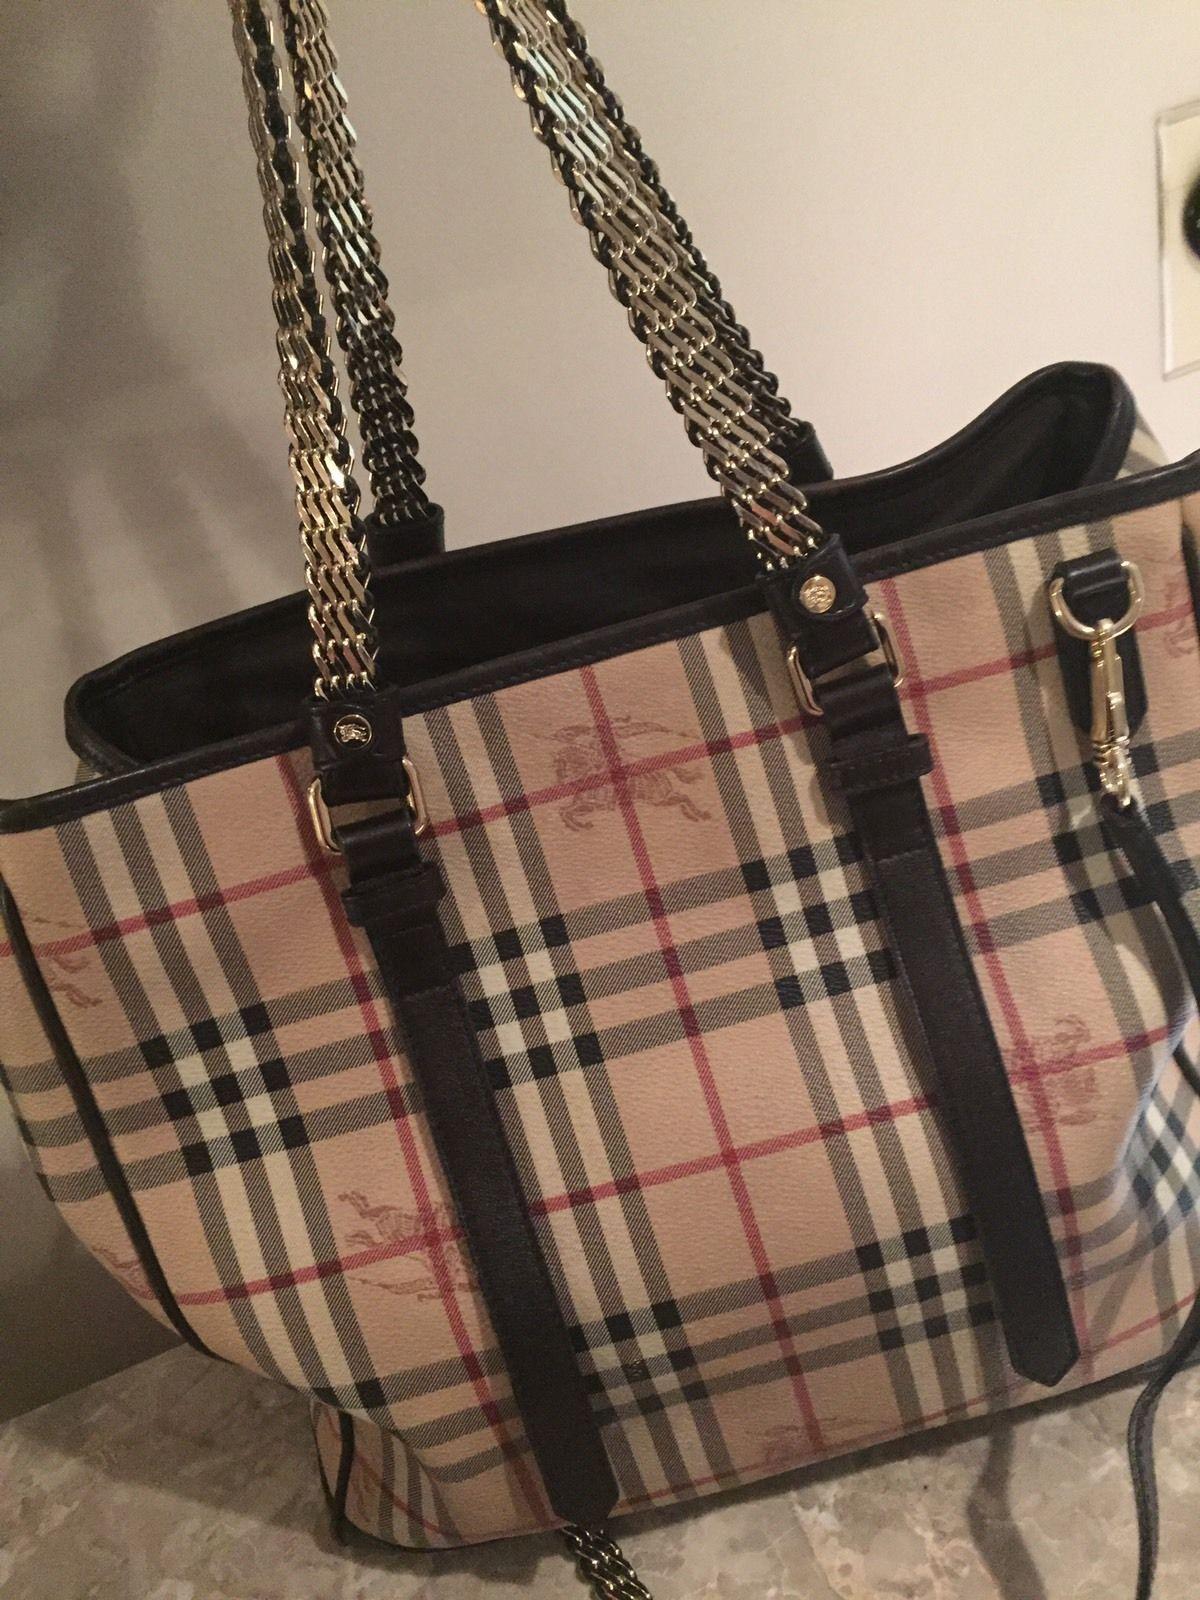 Burberry handbags · Burberry Signature Haymarket Check Handbag  595.0 e0b062d952610